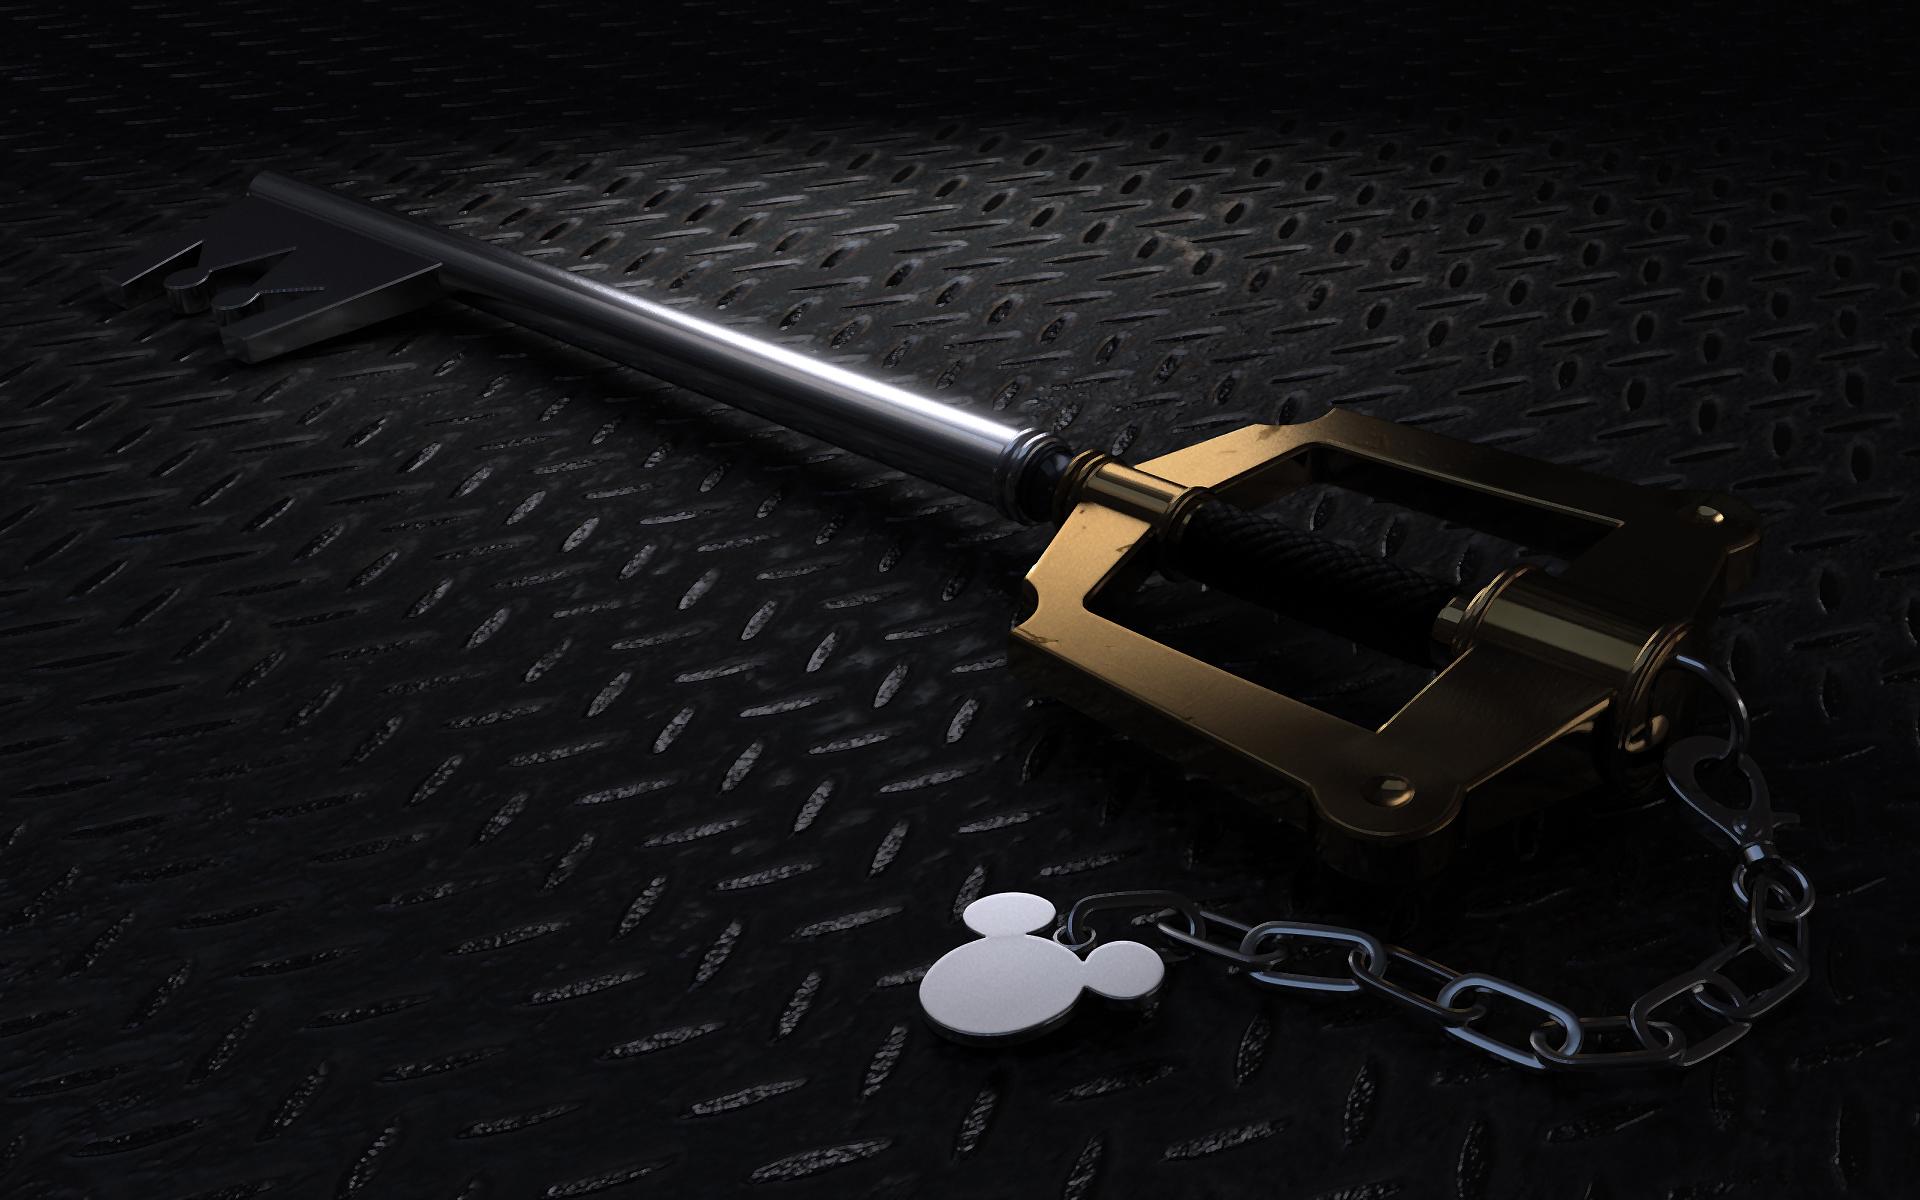 Kingdom Hearts Hd Wallpaper 1920x1200 52466